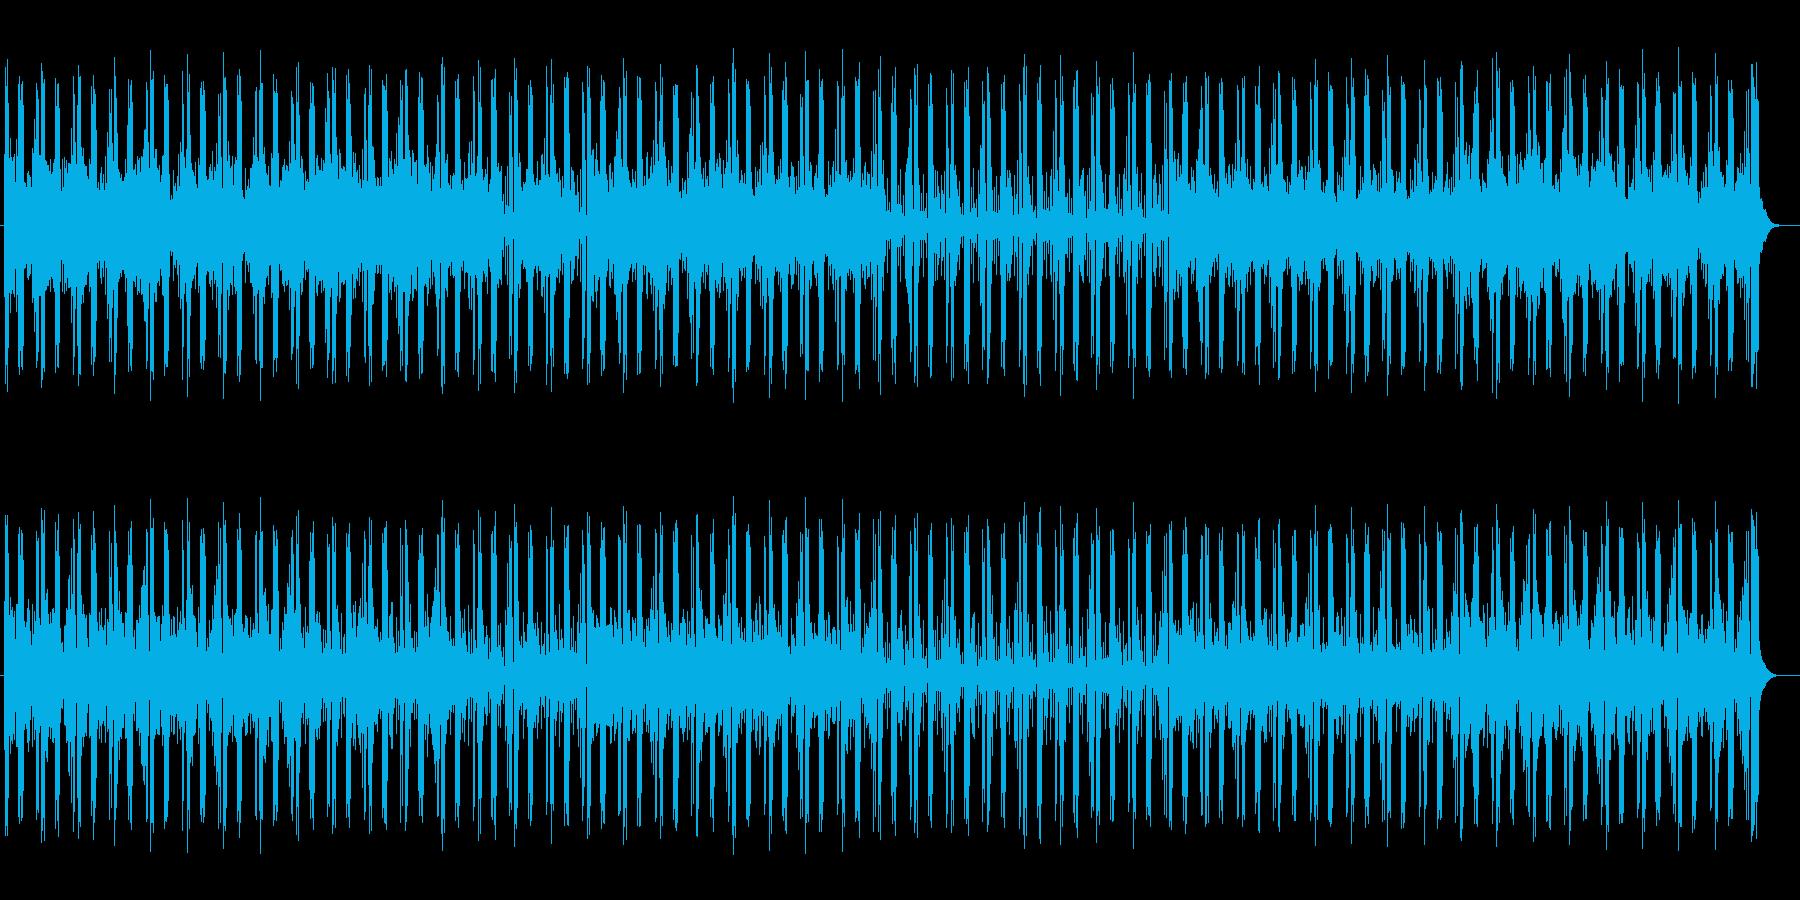 ベースが響くヒーリングミュージックの再生済みの波形